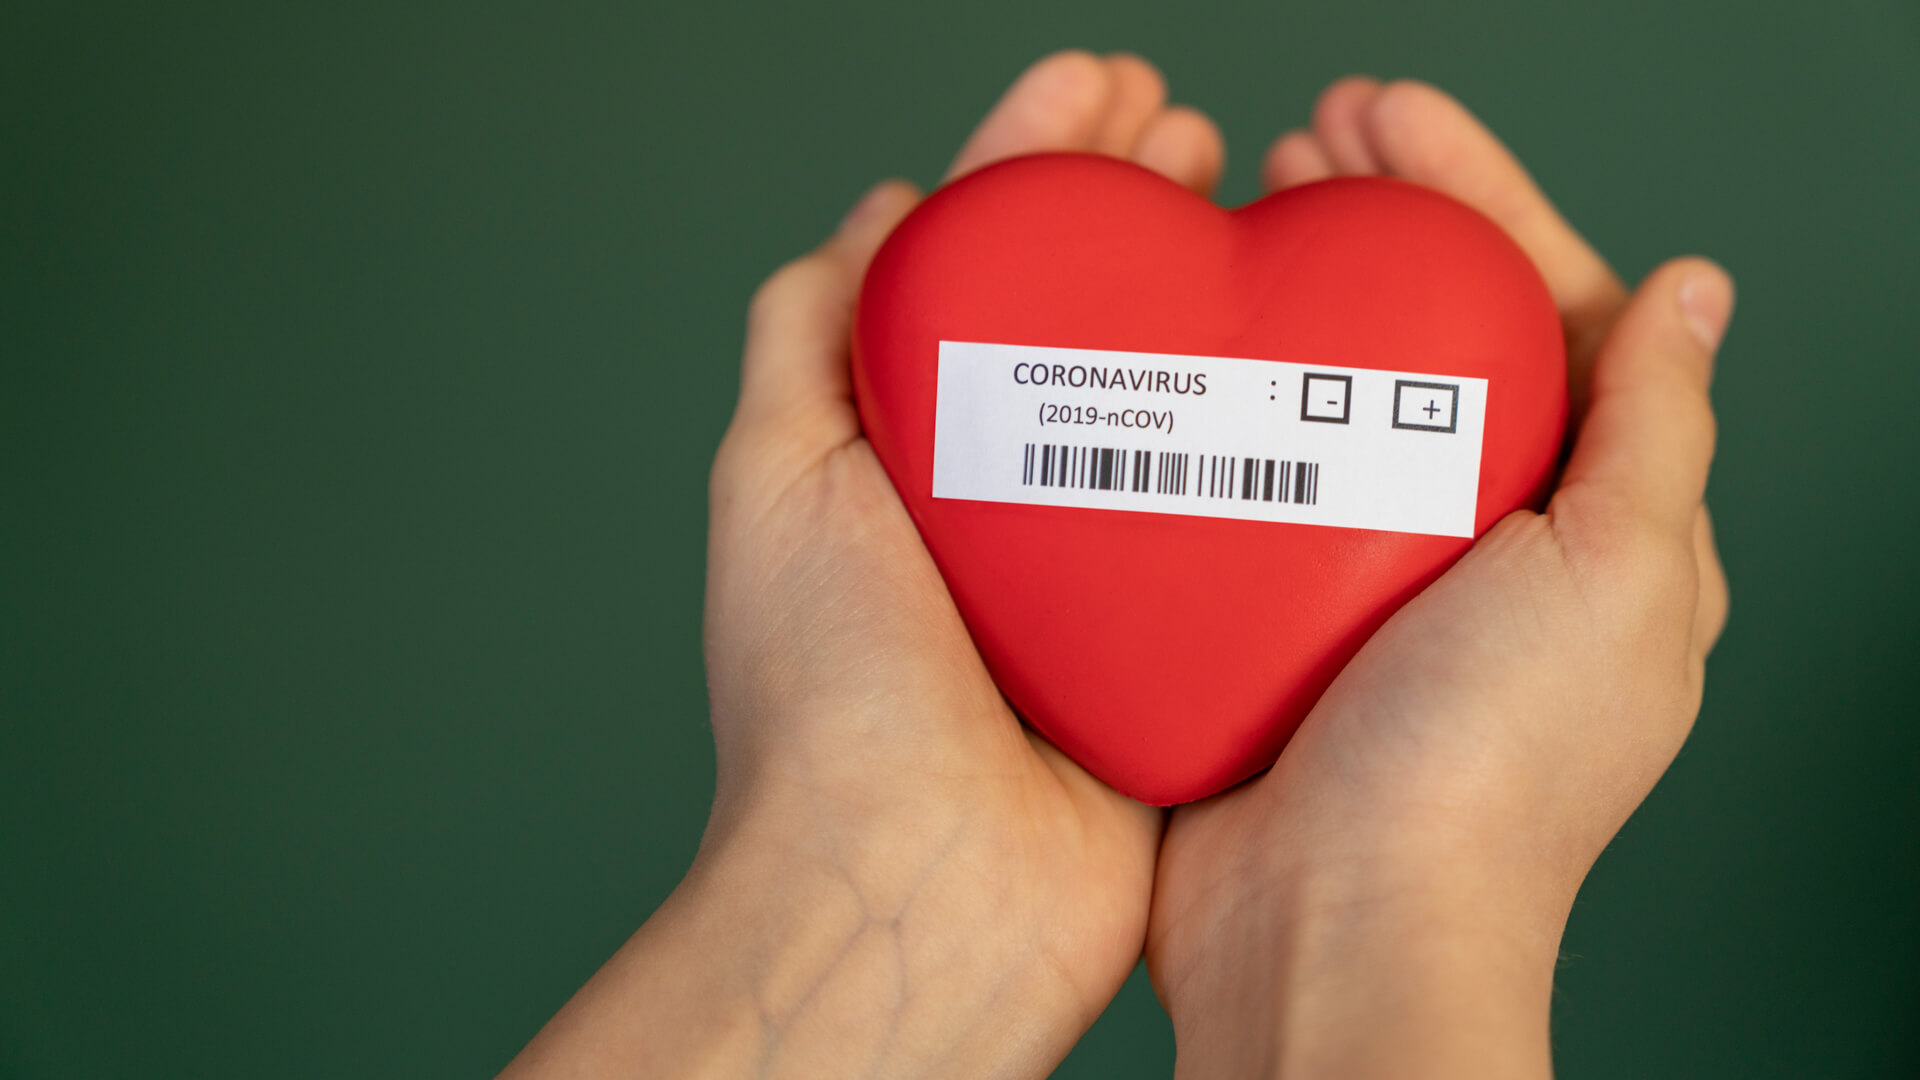 girl holding coronavirus written heart shape in her hand.